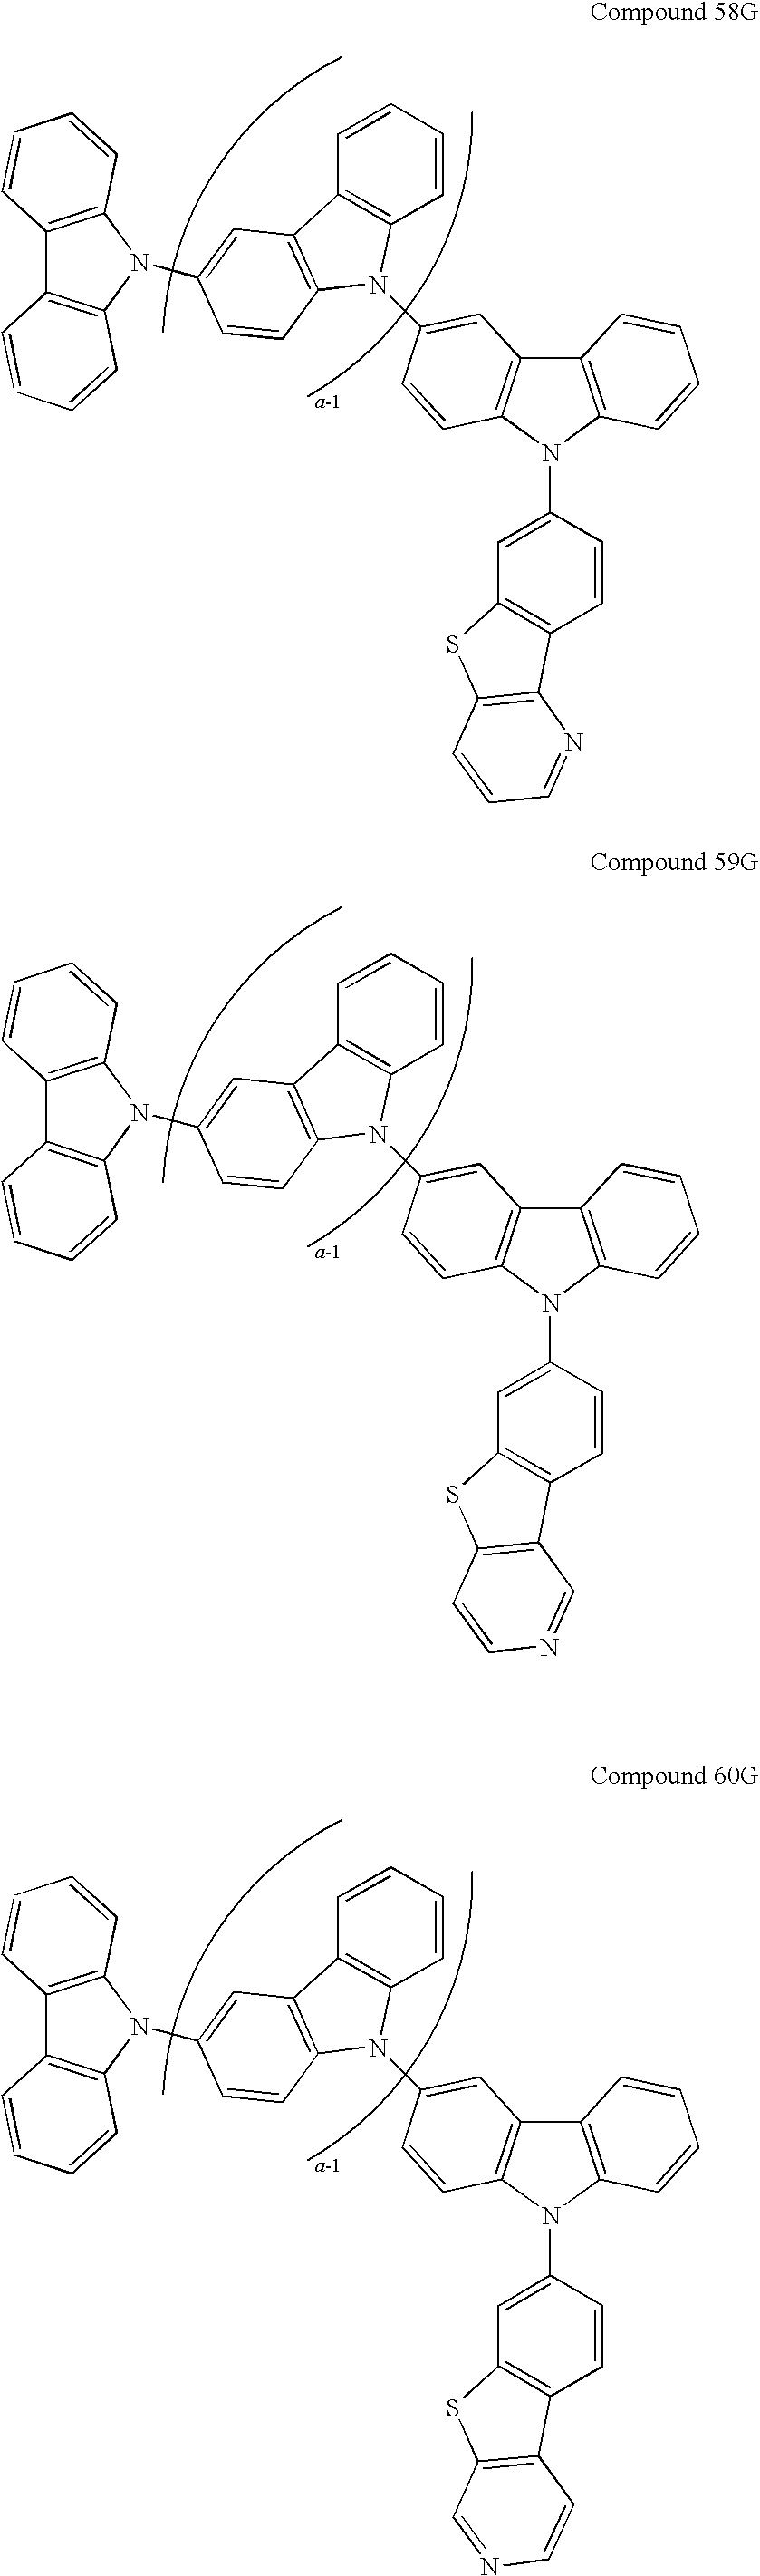 Figure US20090134784A1-20090528-C00023